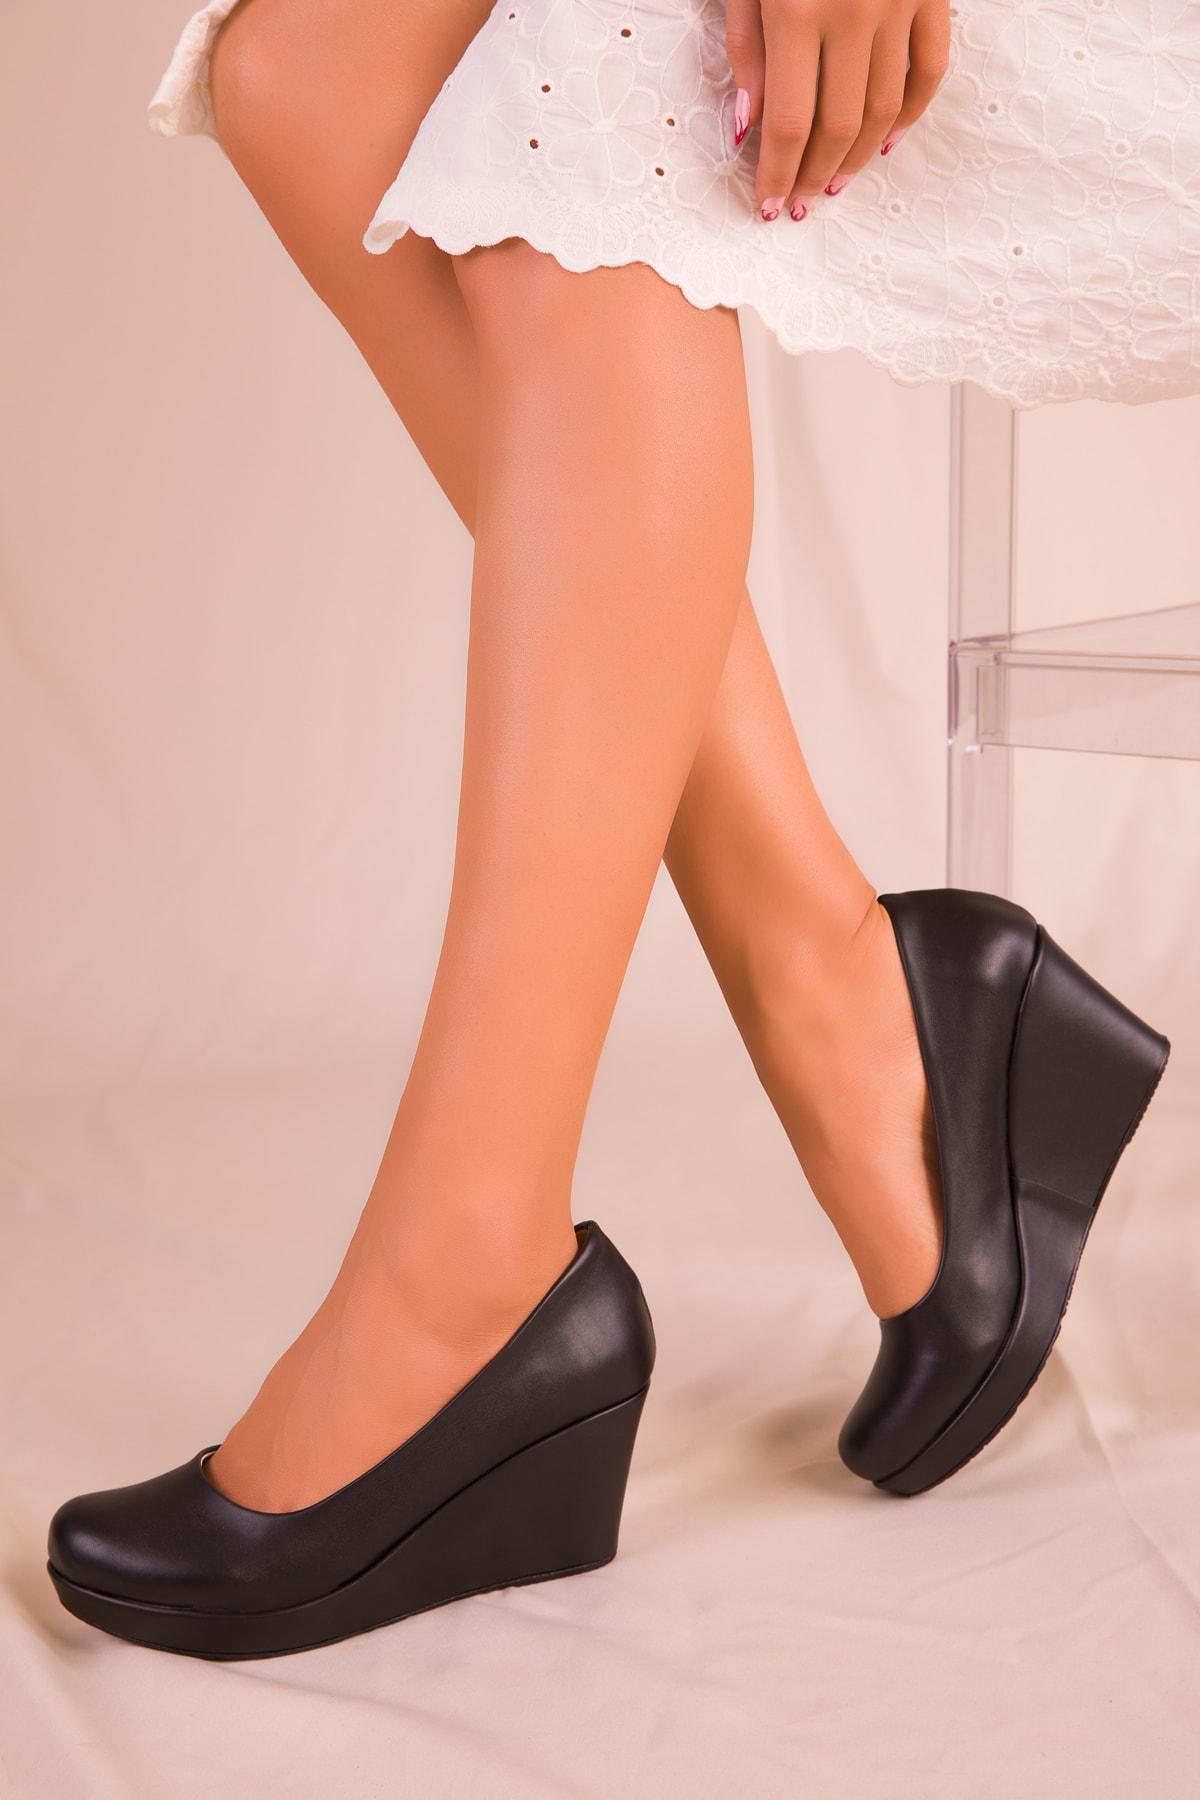 SOHO Siyah Kadın Dolgu Topuklu Ayakkabı 15849 2